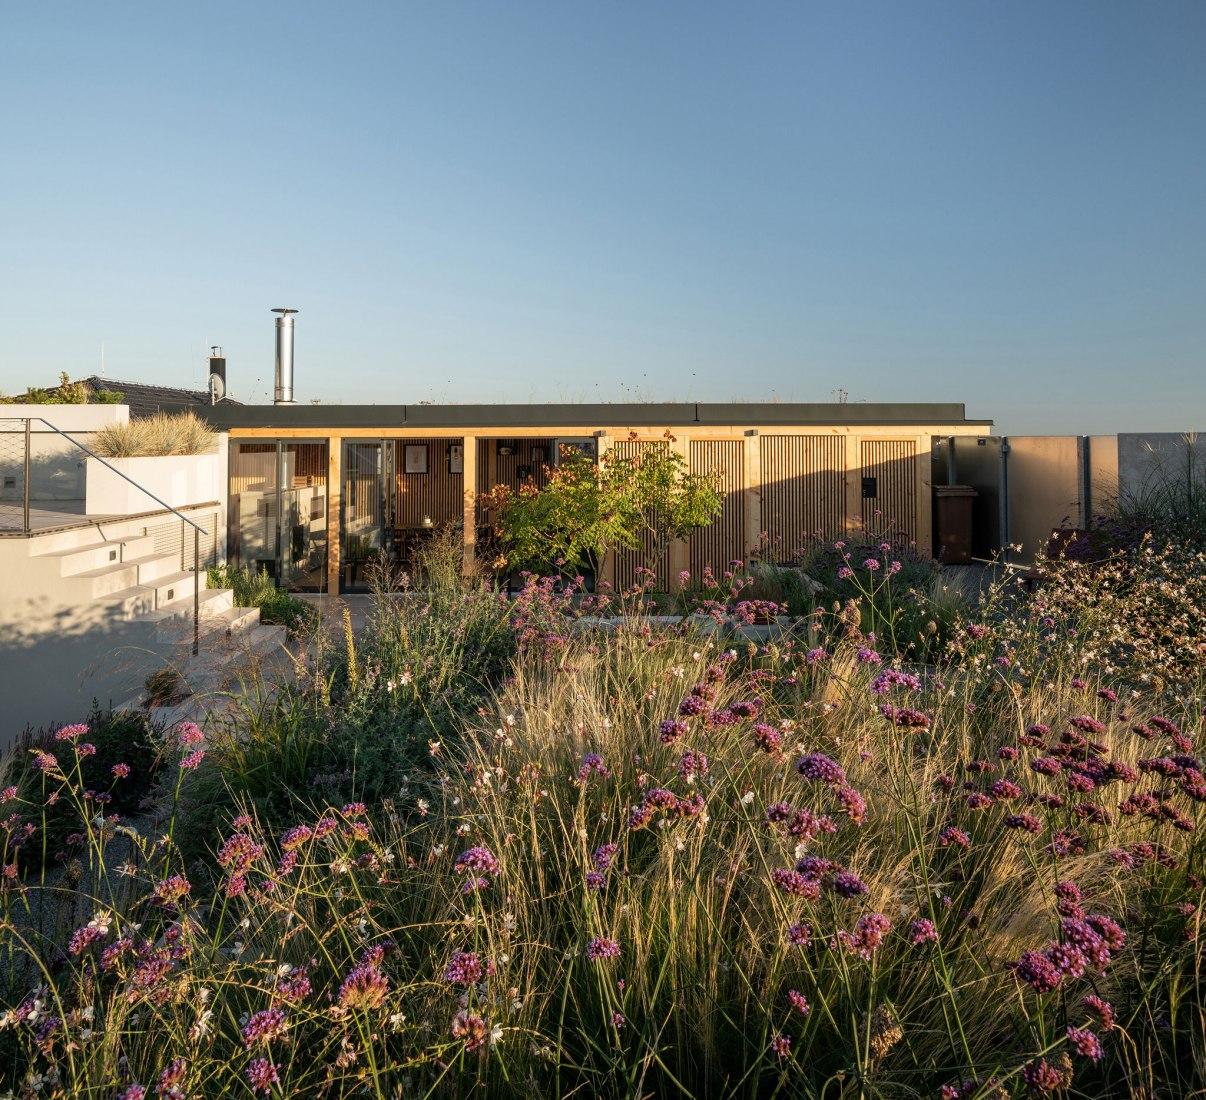 Casa familiar con atrio por SENAA architekti. Fotografía por Alex Shoots Buildings